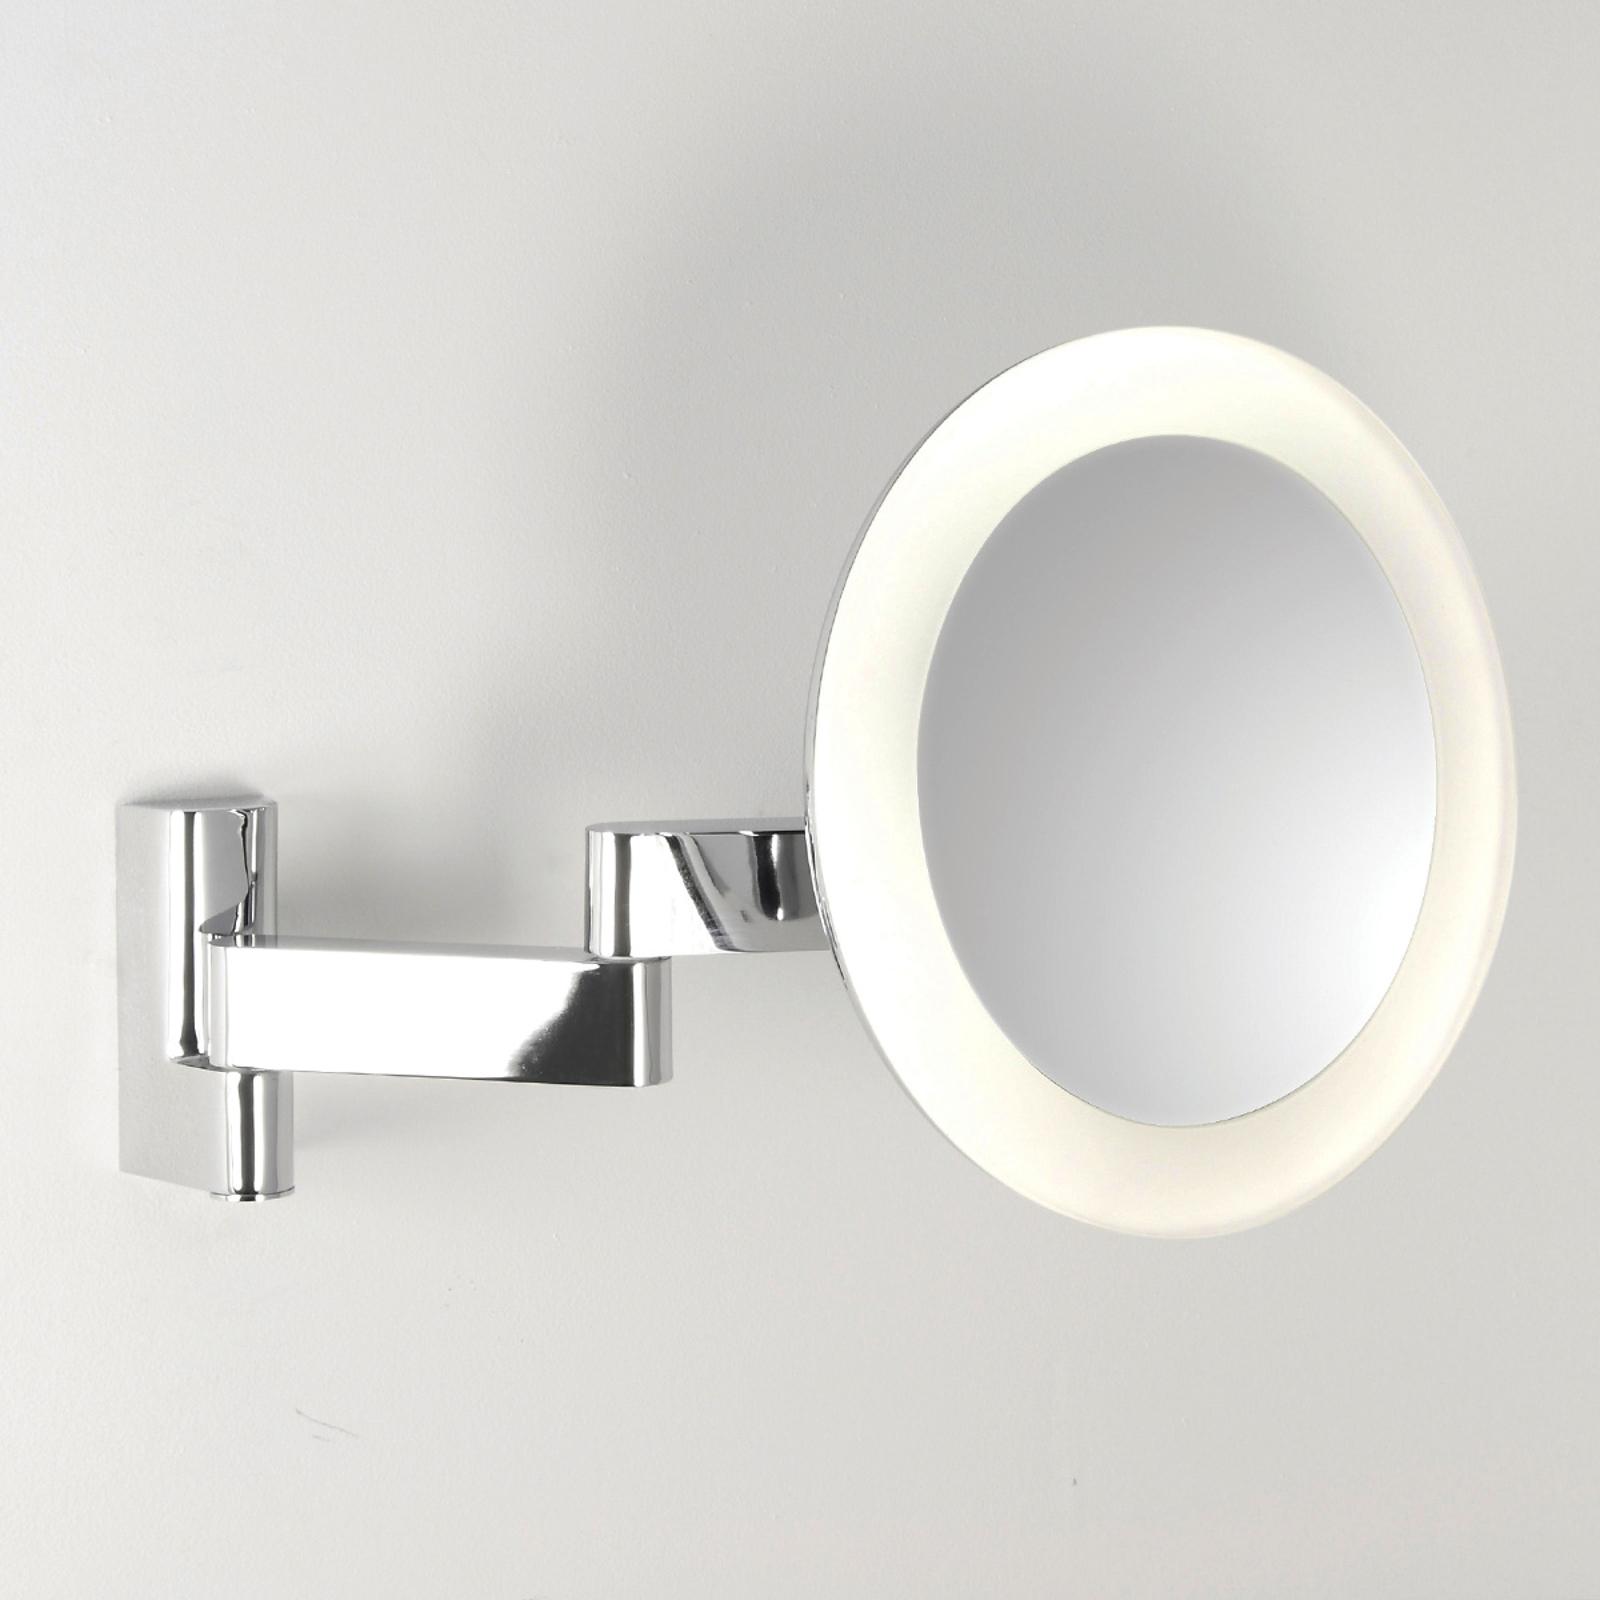 Lustro kosmetyczne NIIMI ROUND z oświetleniem LED